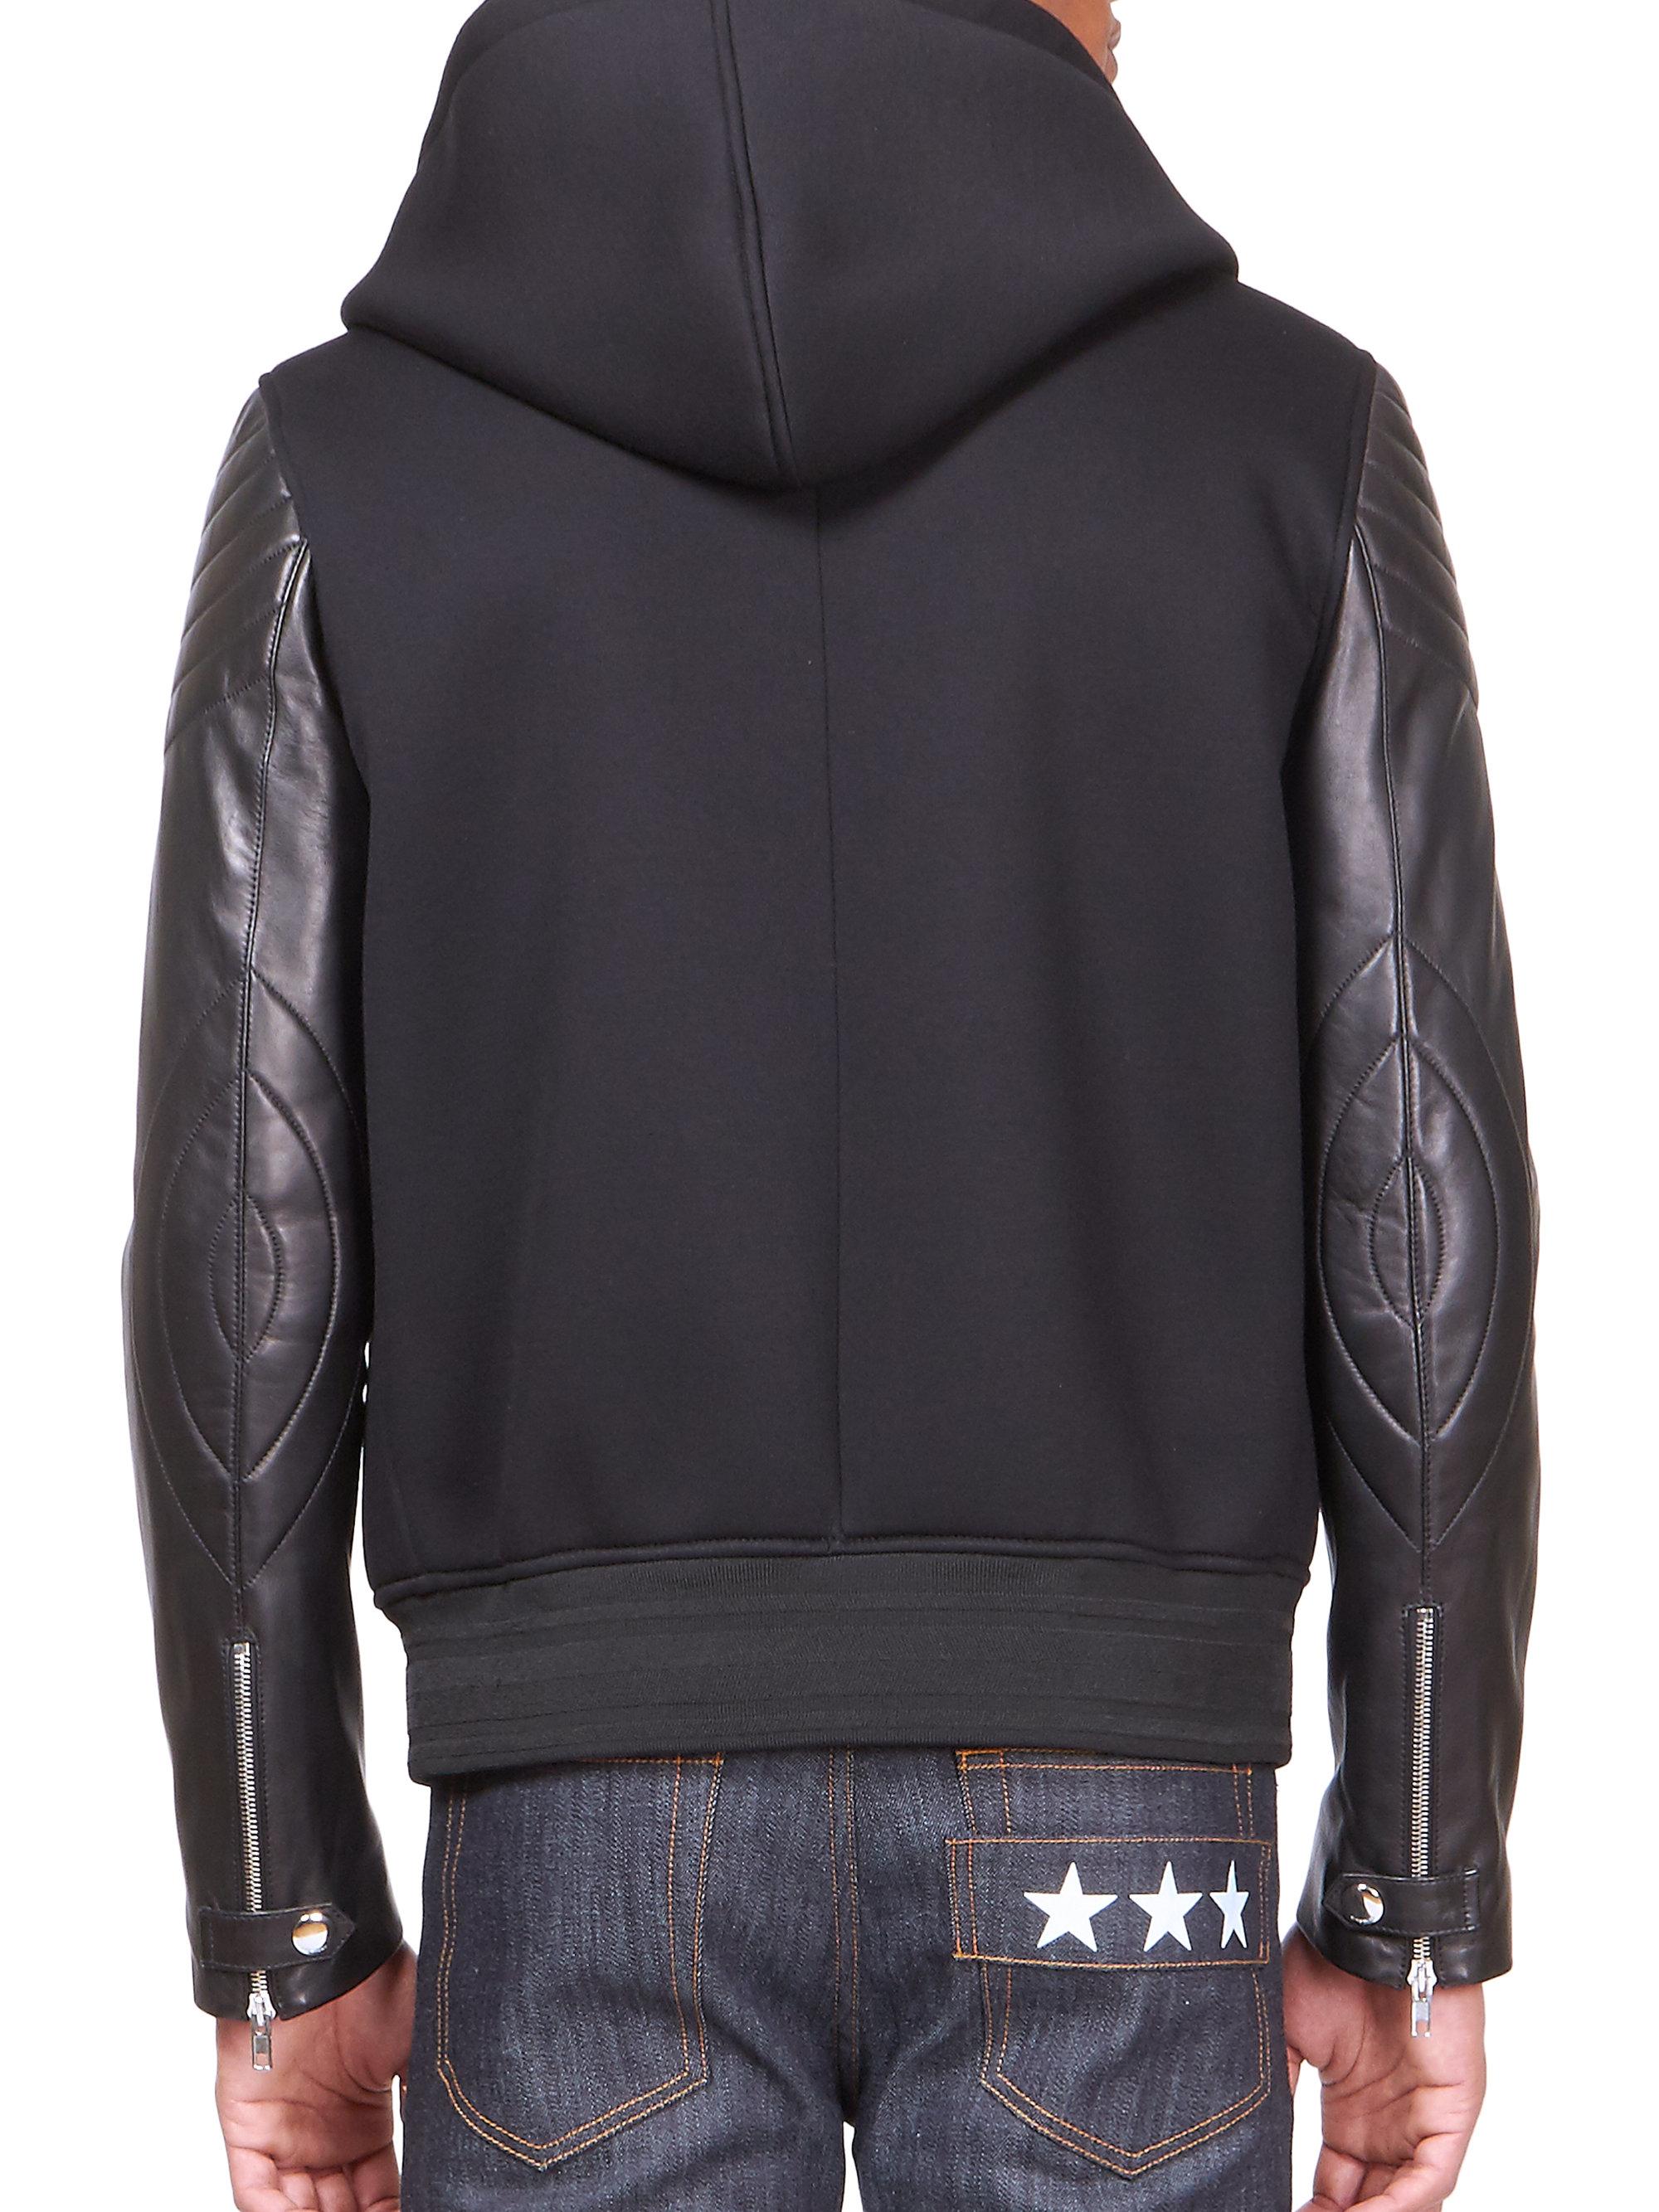 Leather jacket hoodie - Gallery